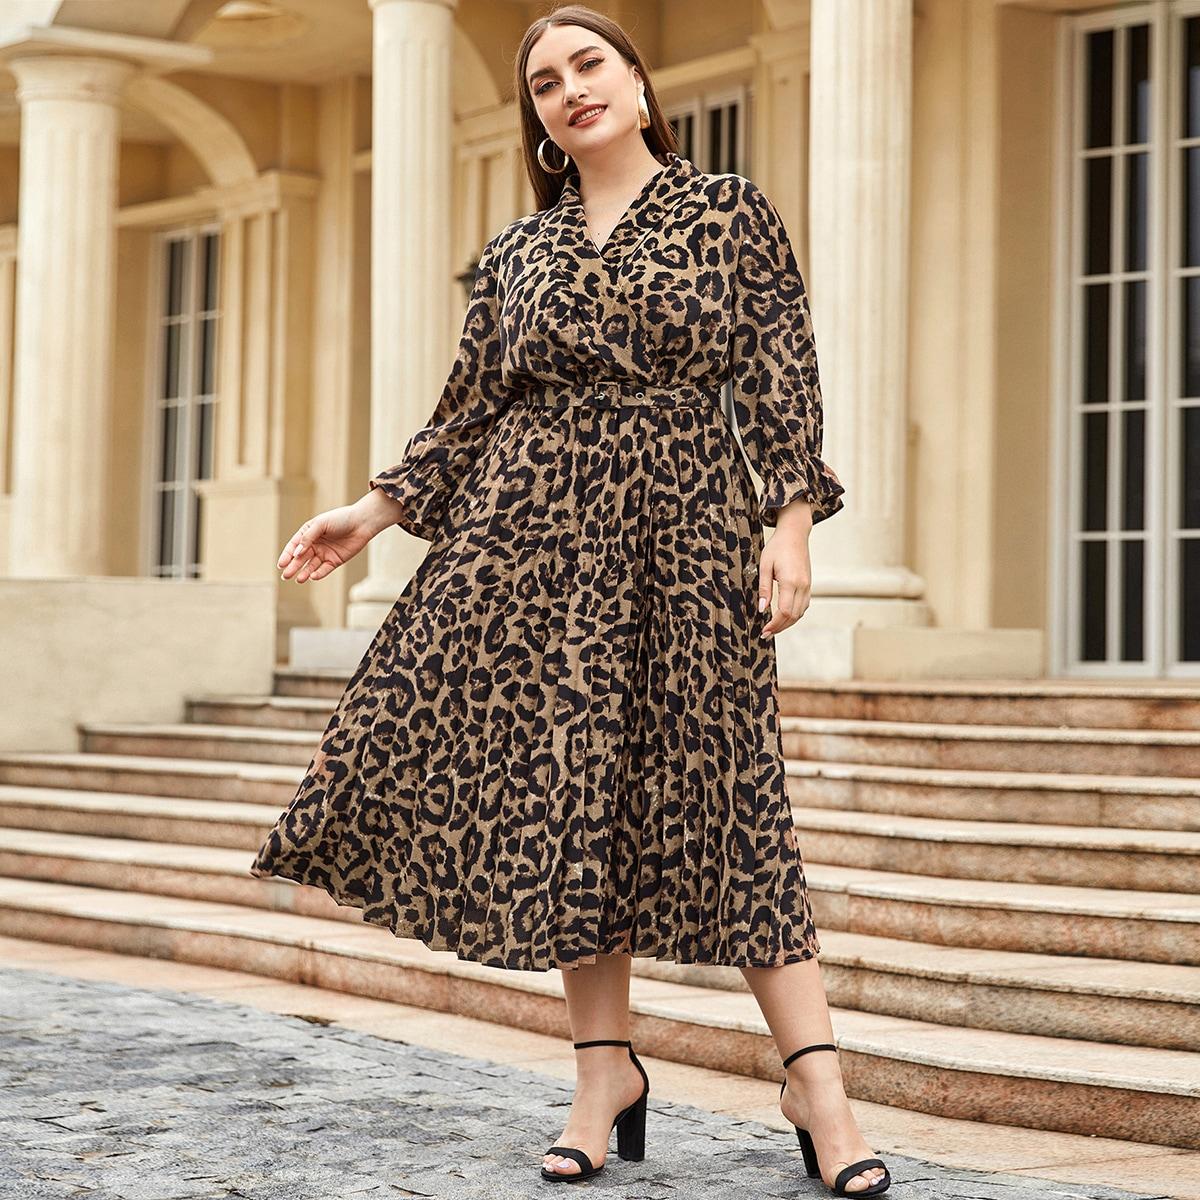 Кайма Леопардовый Элегантный Платья размер плюс